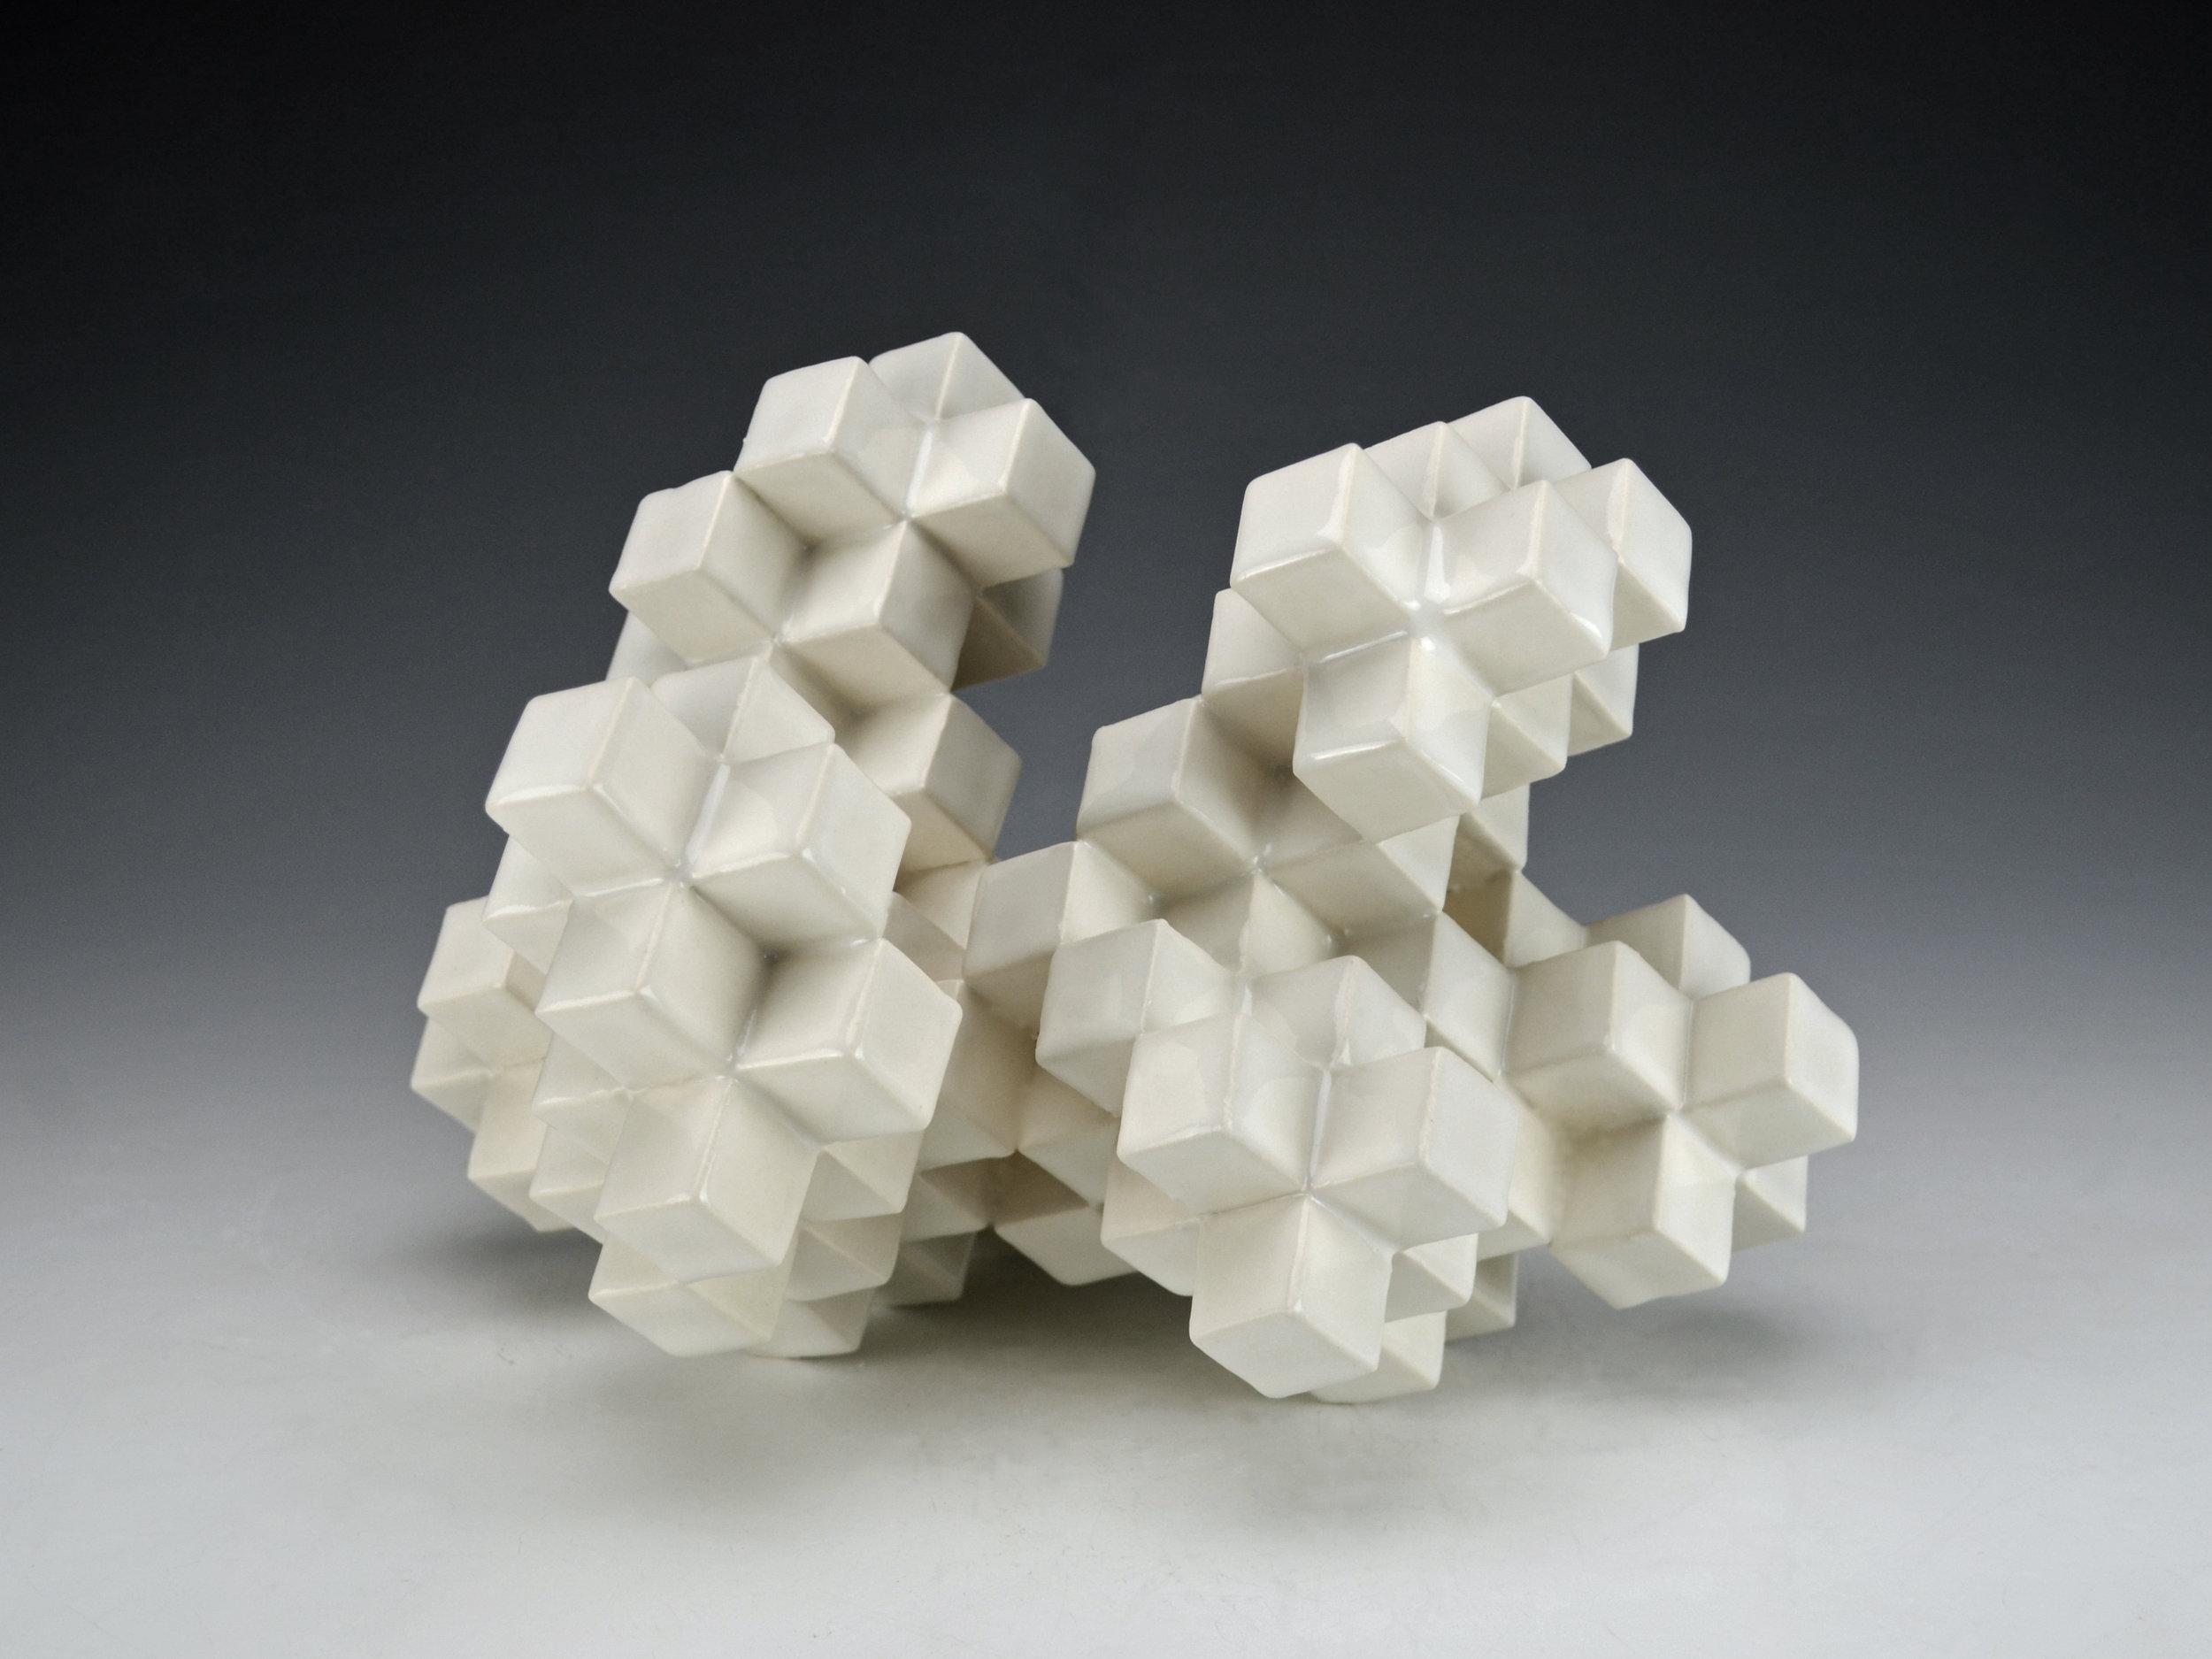 Cubic Series: Construction IV  |  9 x 8 x 8 inches  |  Porcelain, Glaze  |  2017